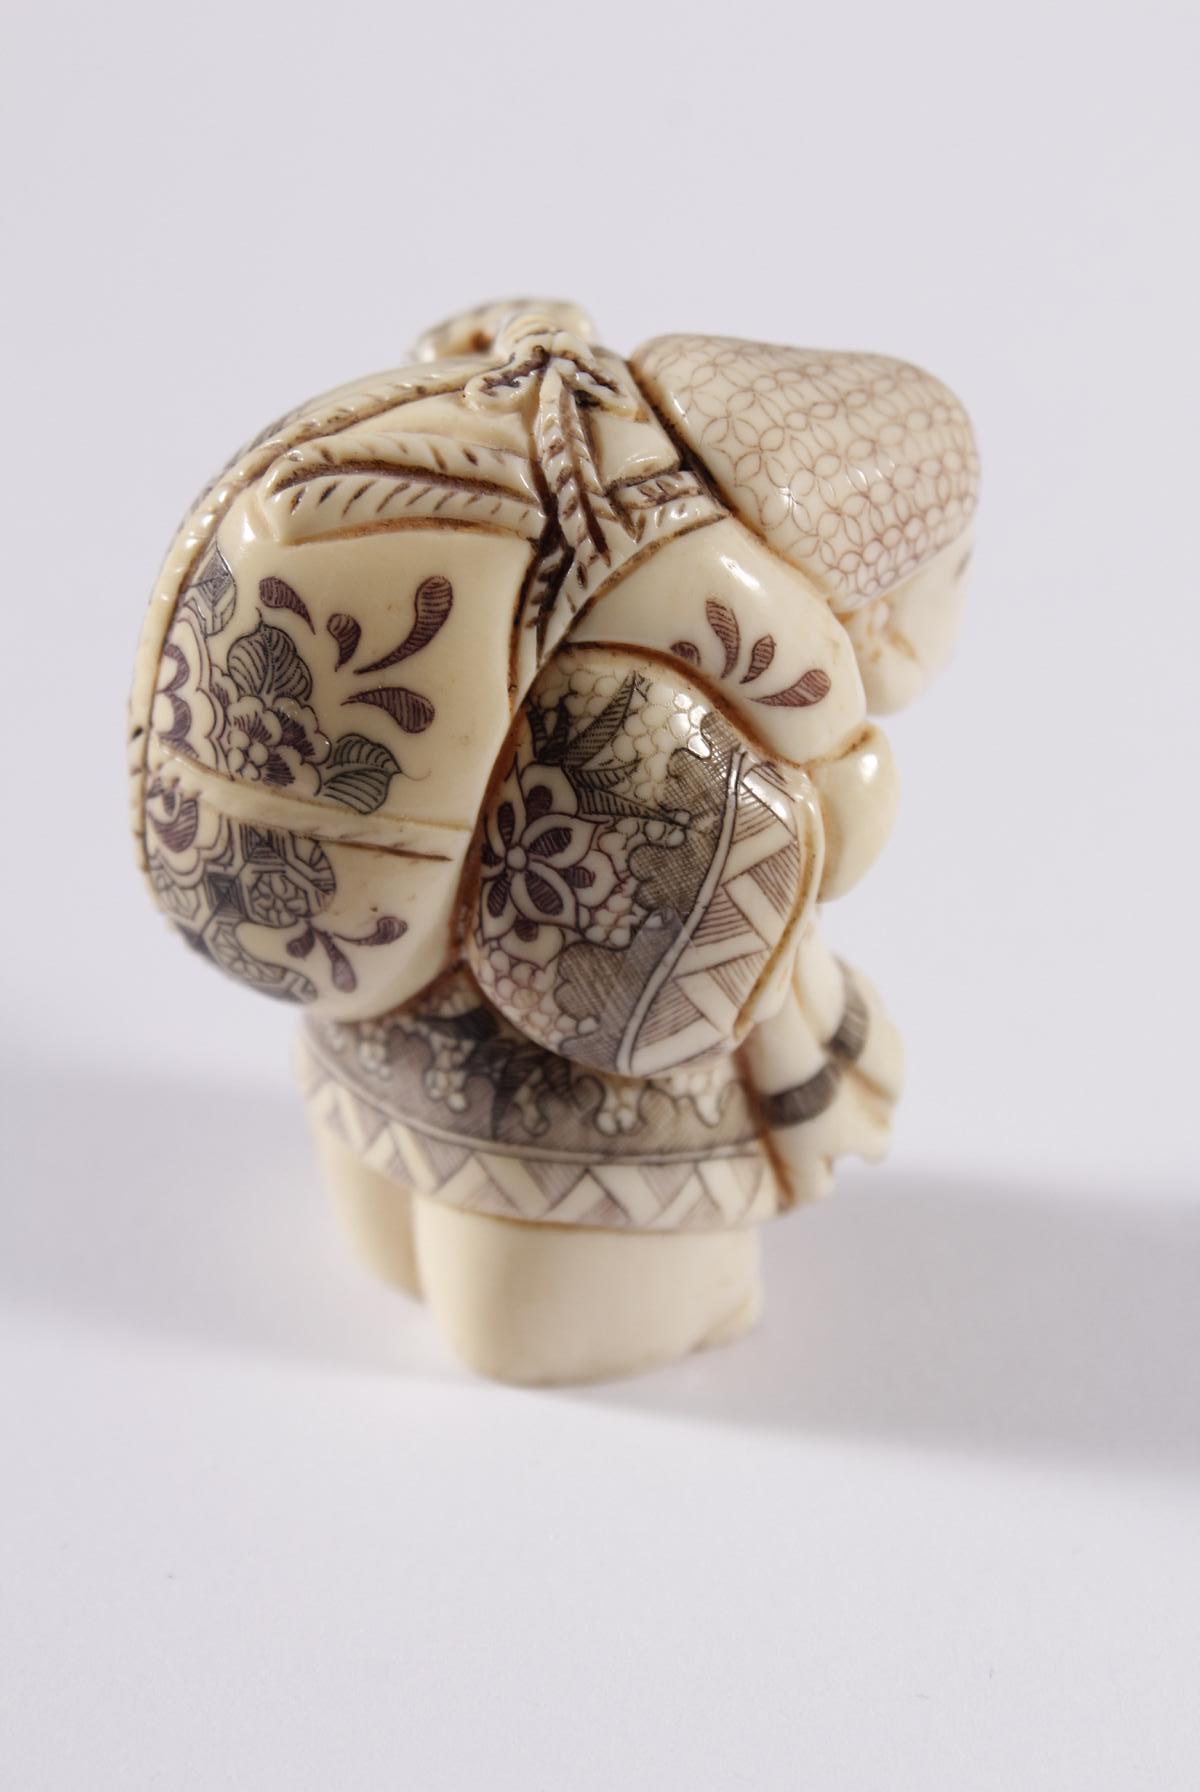 Kleines Elfenbein Okimono, Unsterblicher, Japan Meiji Periode-3